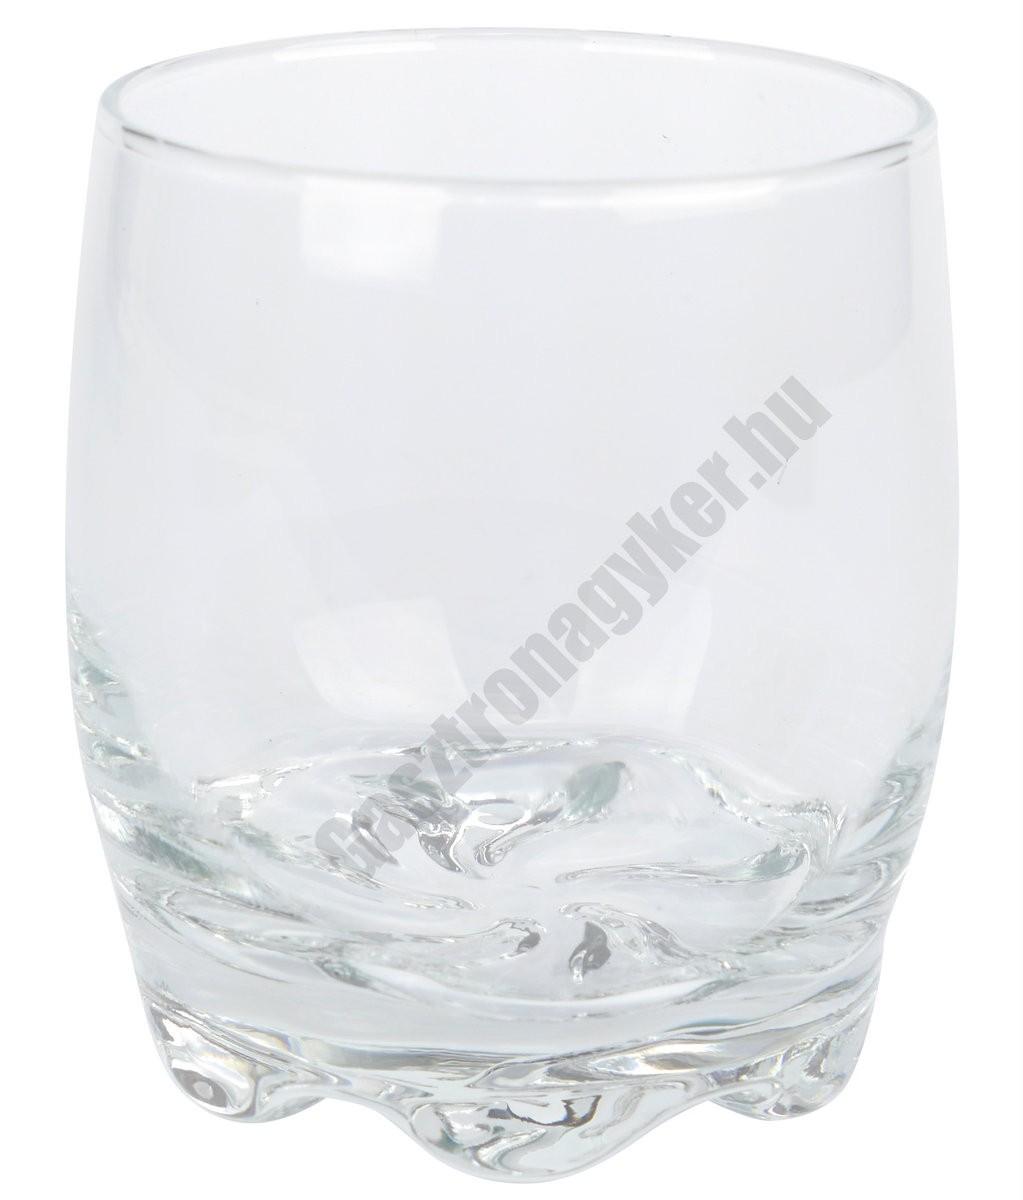 Adora vizes-whisky pohár, 275 ml, üveg